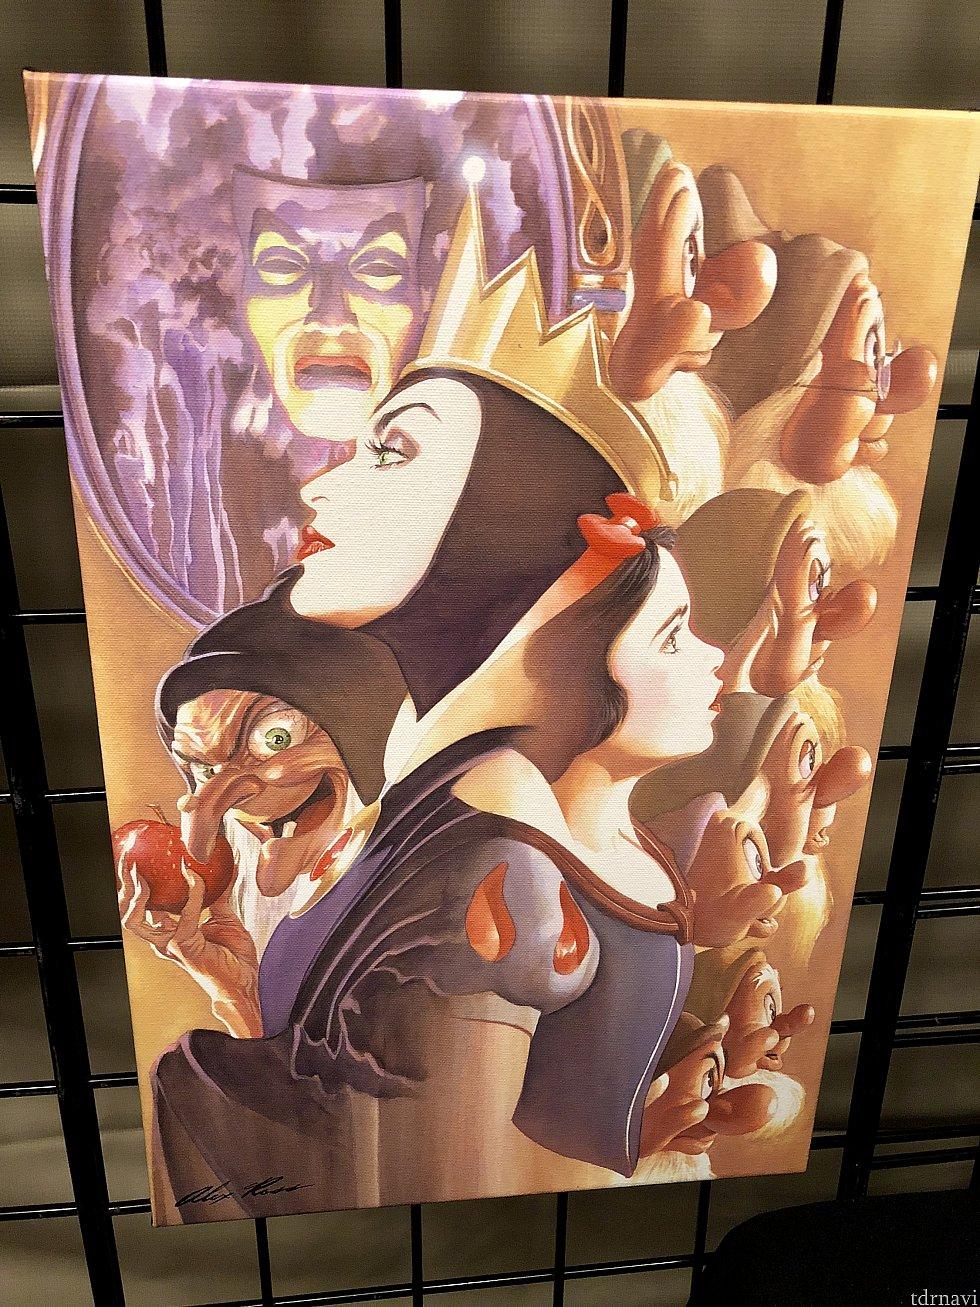 僕が今回一番気に入ったアートからご紹介したいと思います。このスノーホワイトの絵のクオリティ、構図、各キャラクターの表情、カラー、白雪姫と魔女の対比、全てにおいて素晴らしい作品だと思いました。